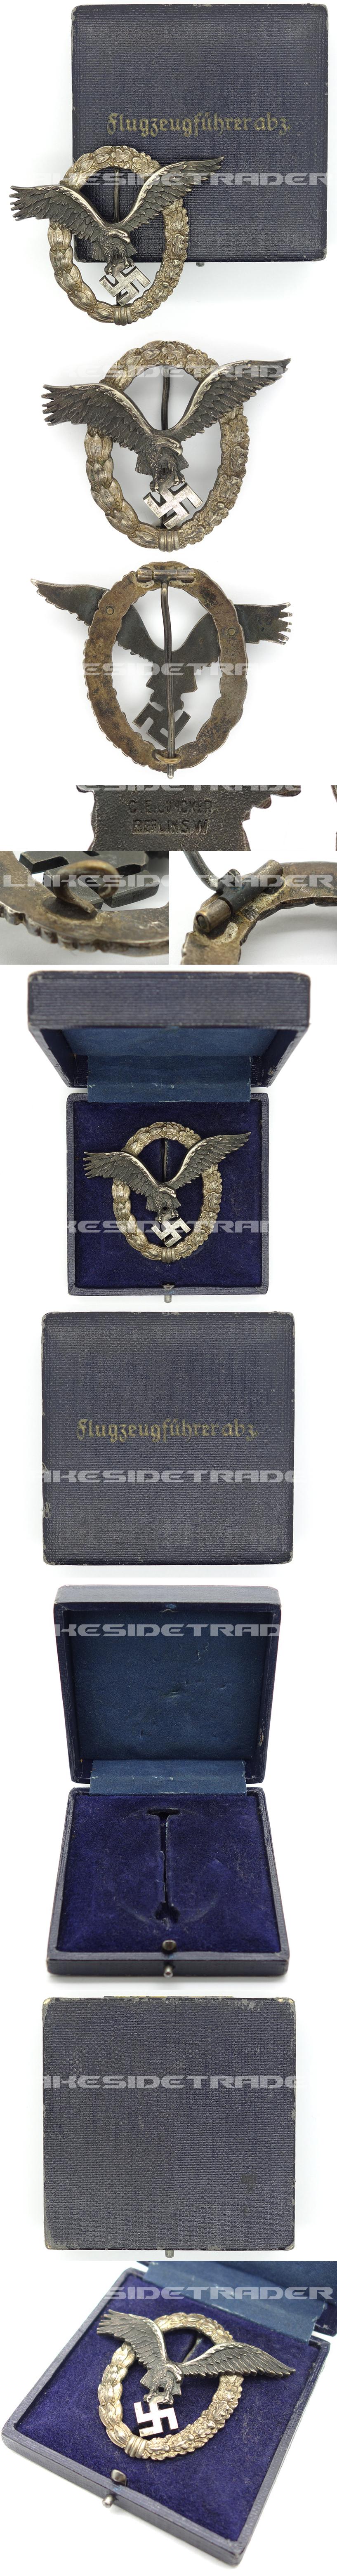 Cased J1 Pilot Badge by C.E. Juncker